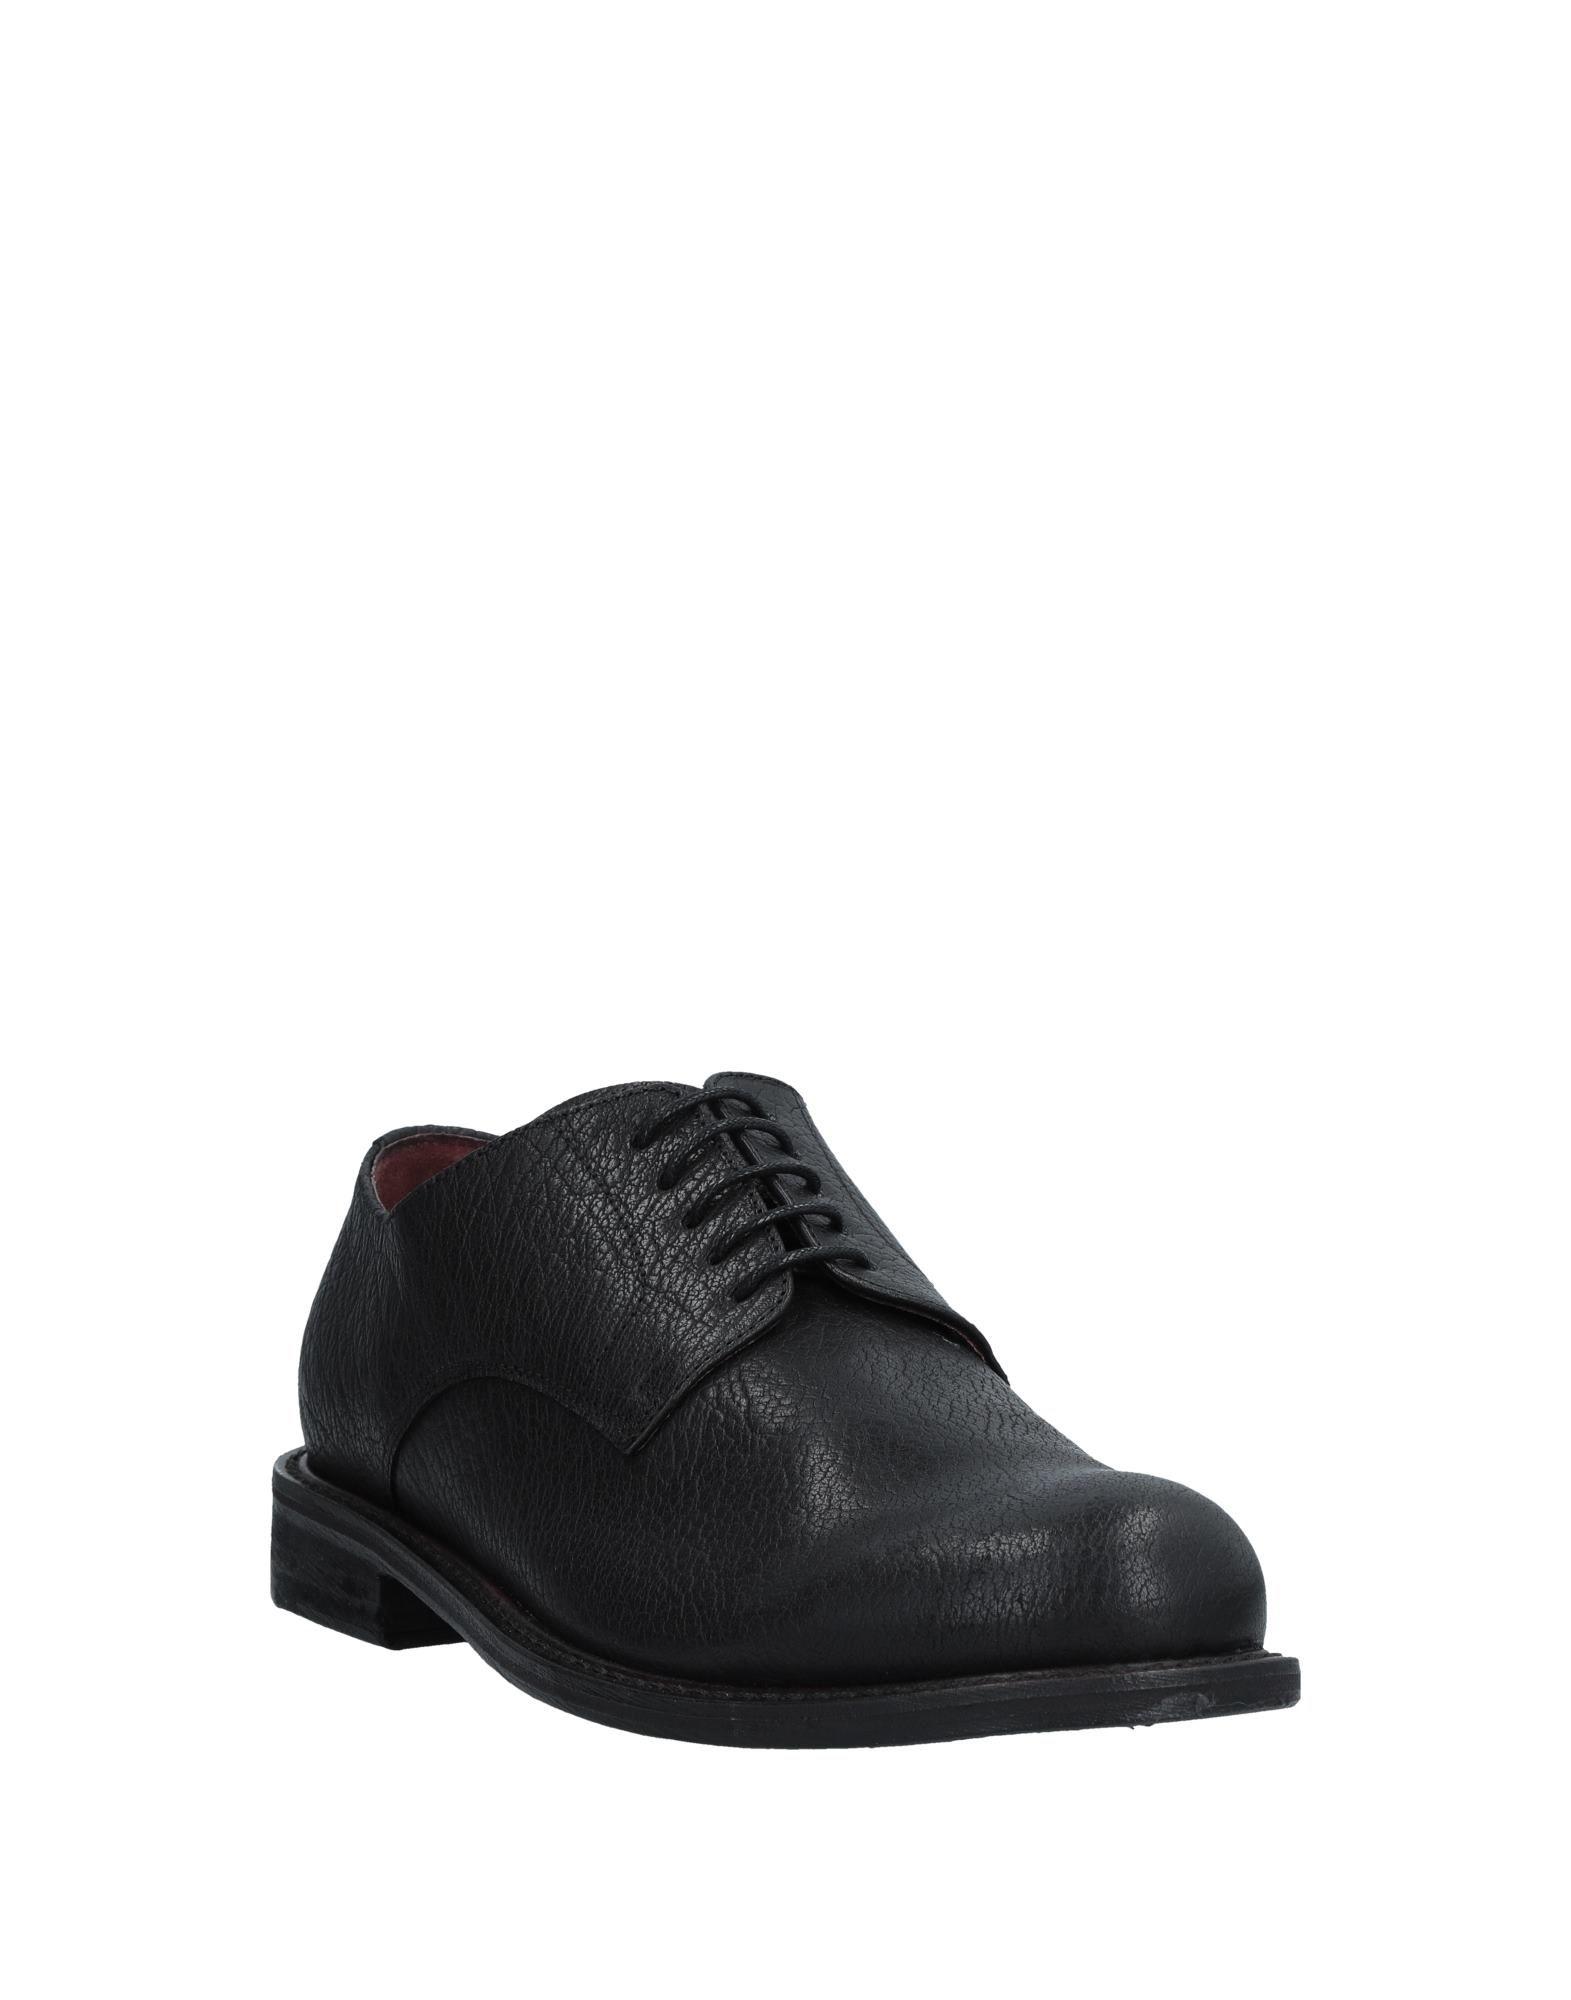 Rabatt echte Schuhe Tsd12 Schnürschuhe Herren  11537444UL